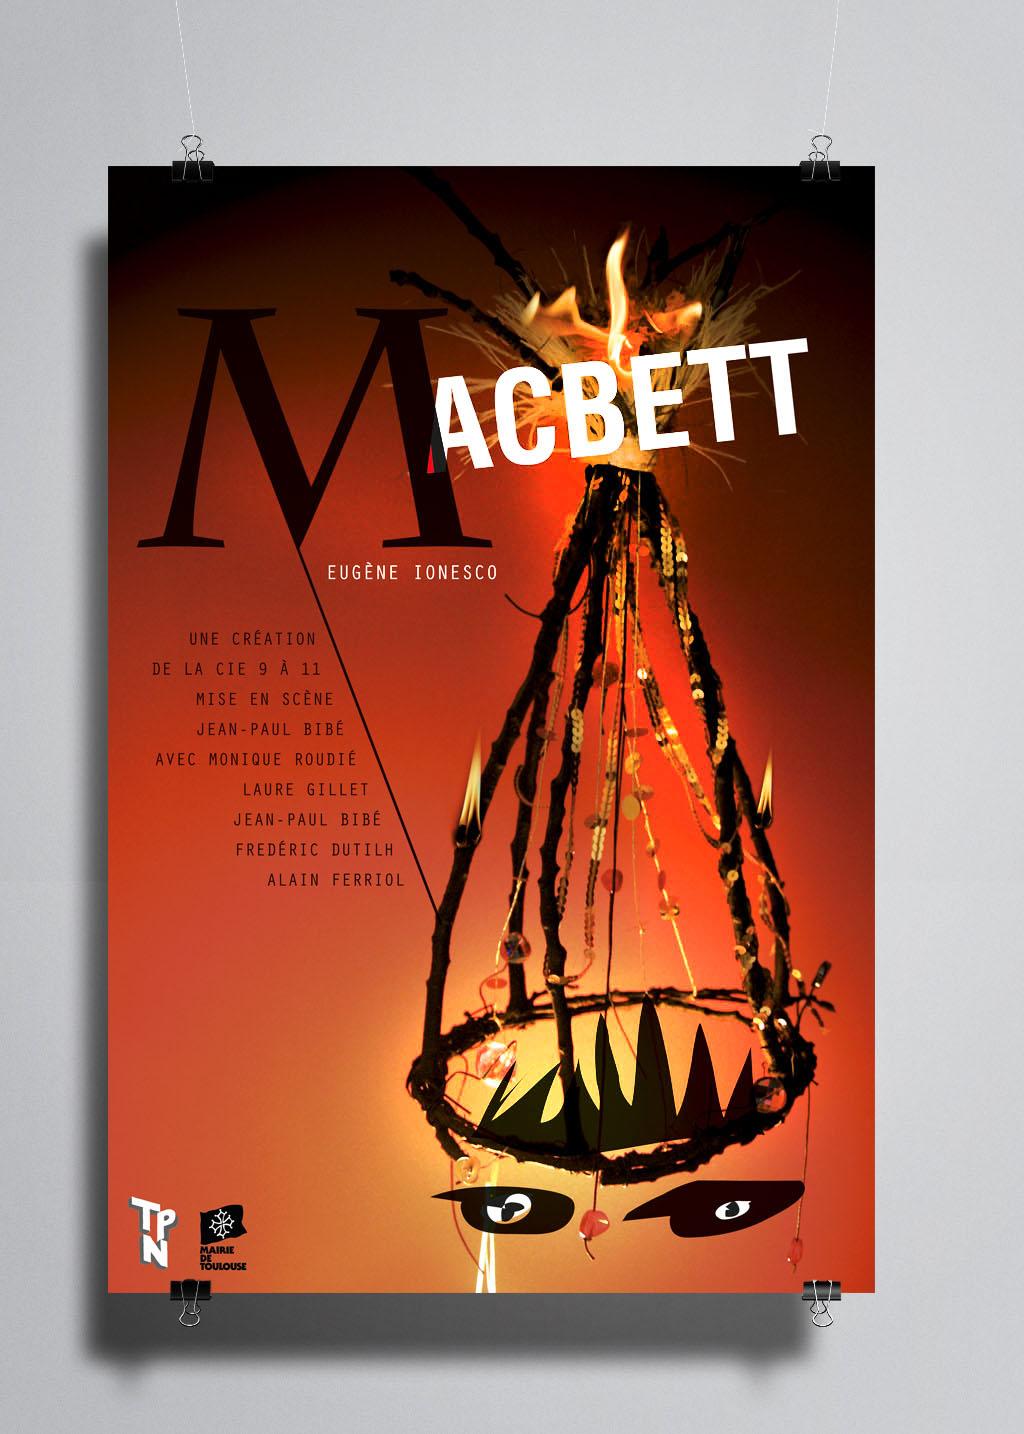 Affiche de théâtre. Compagnie 9 à 11. Macbett de Ionesco